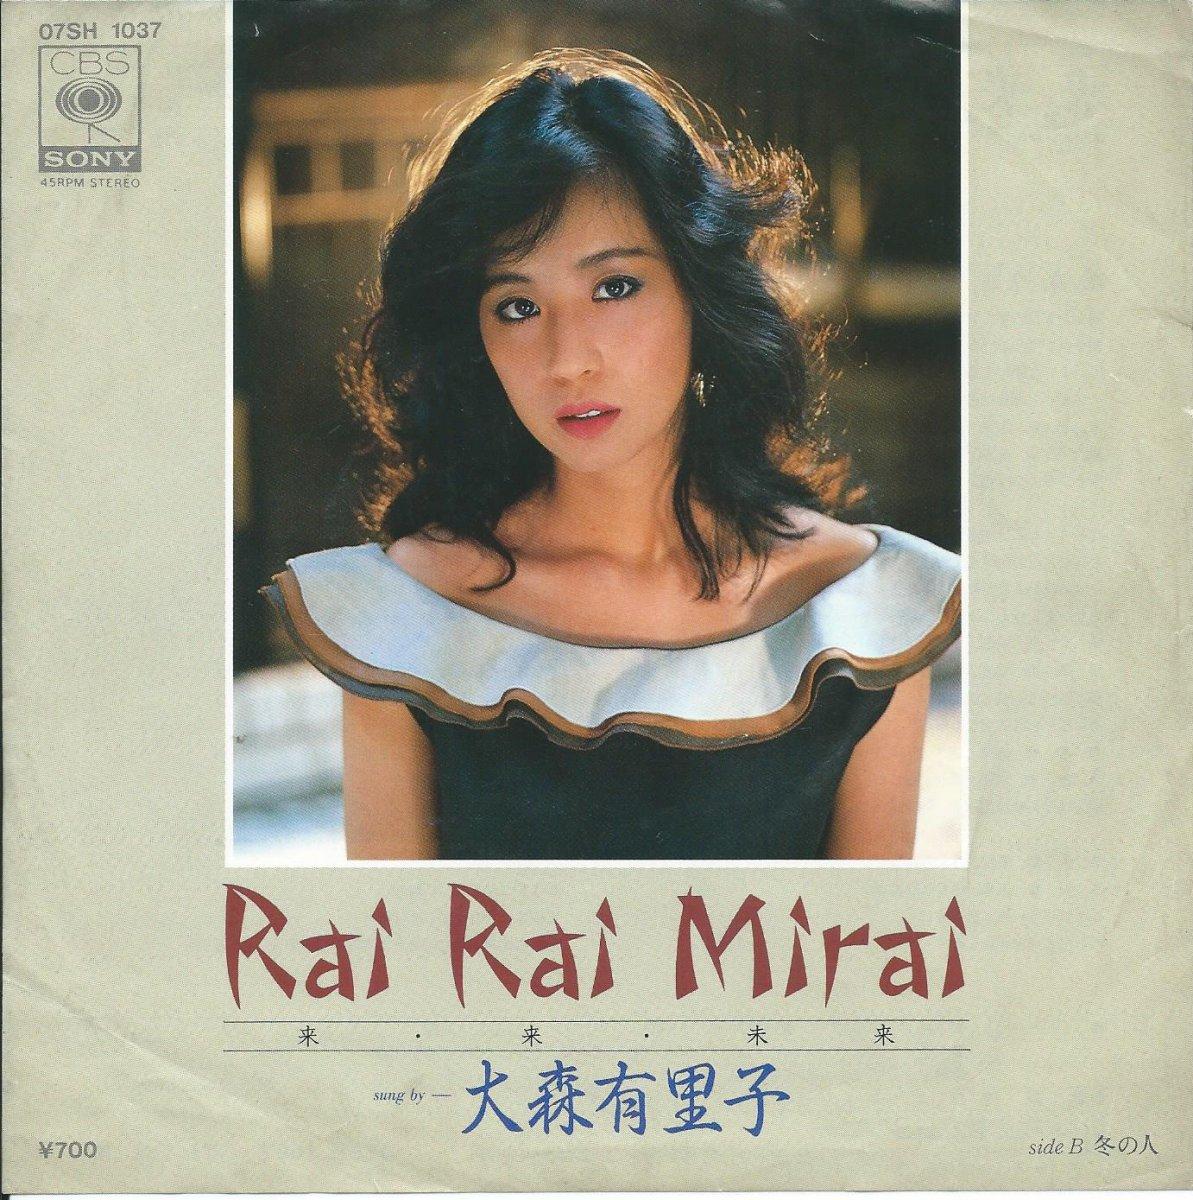 大森有里子 YURIKO OMORI (林哲司) / 来来未来 (RAI RAI MIRAI) (7